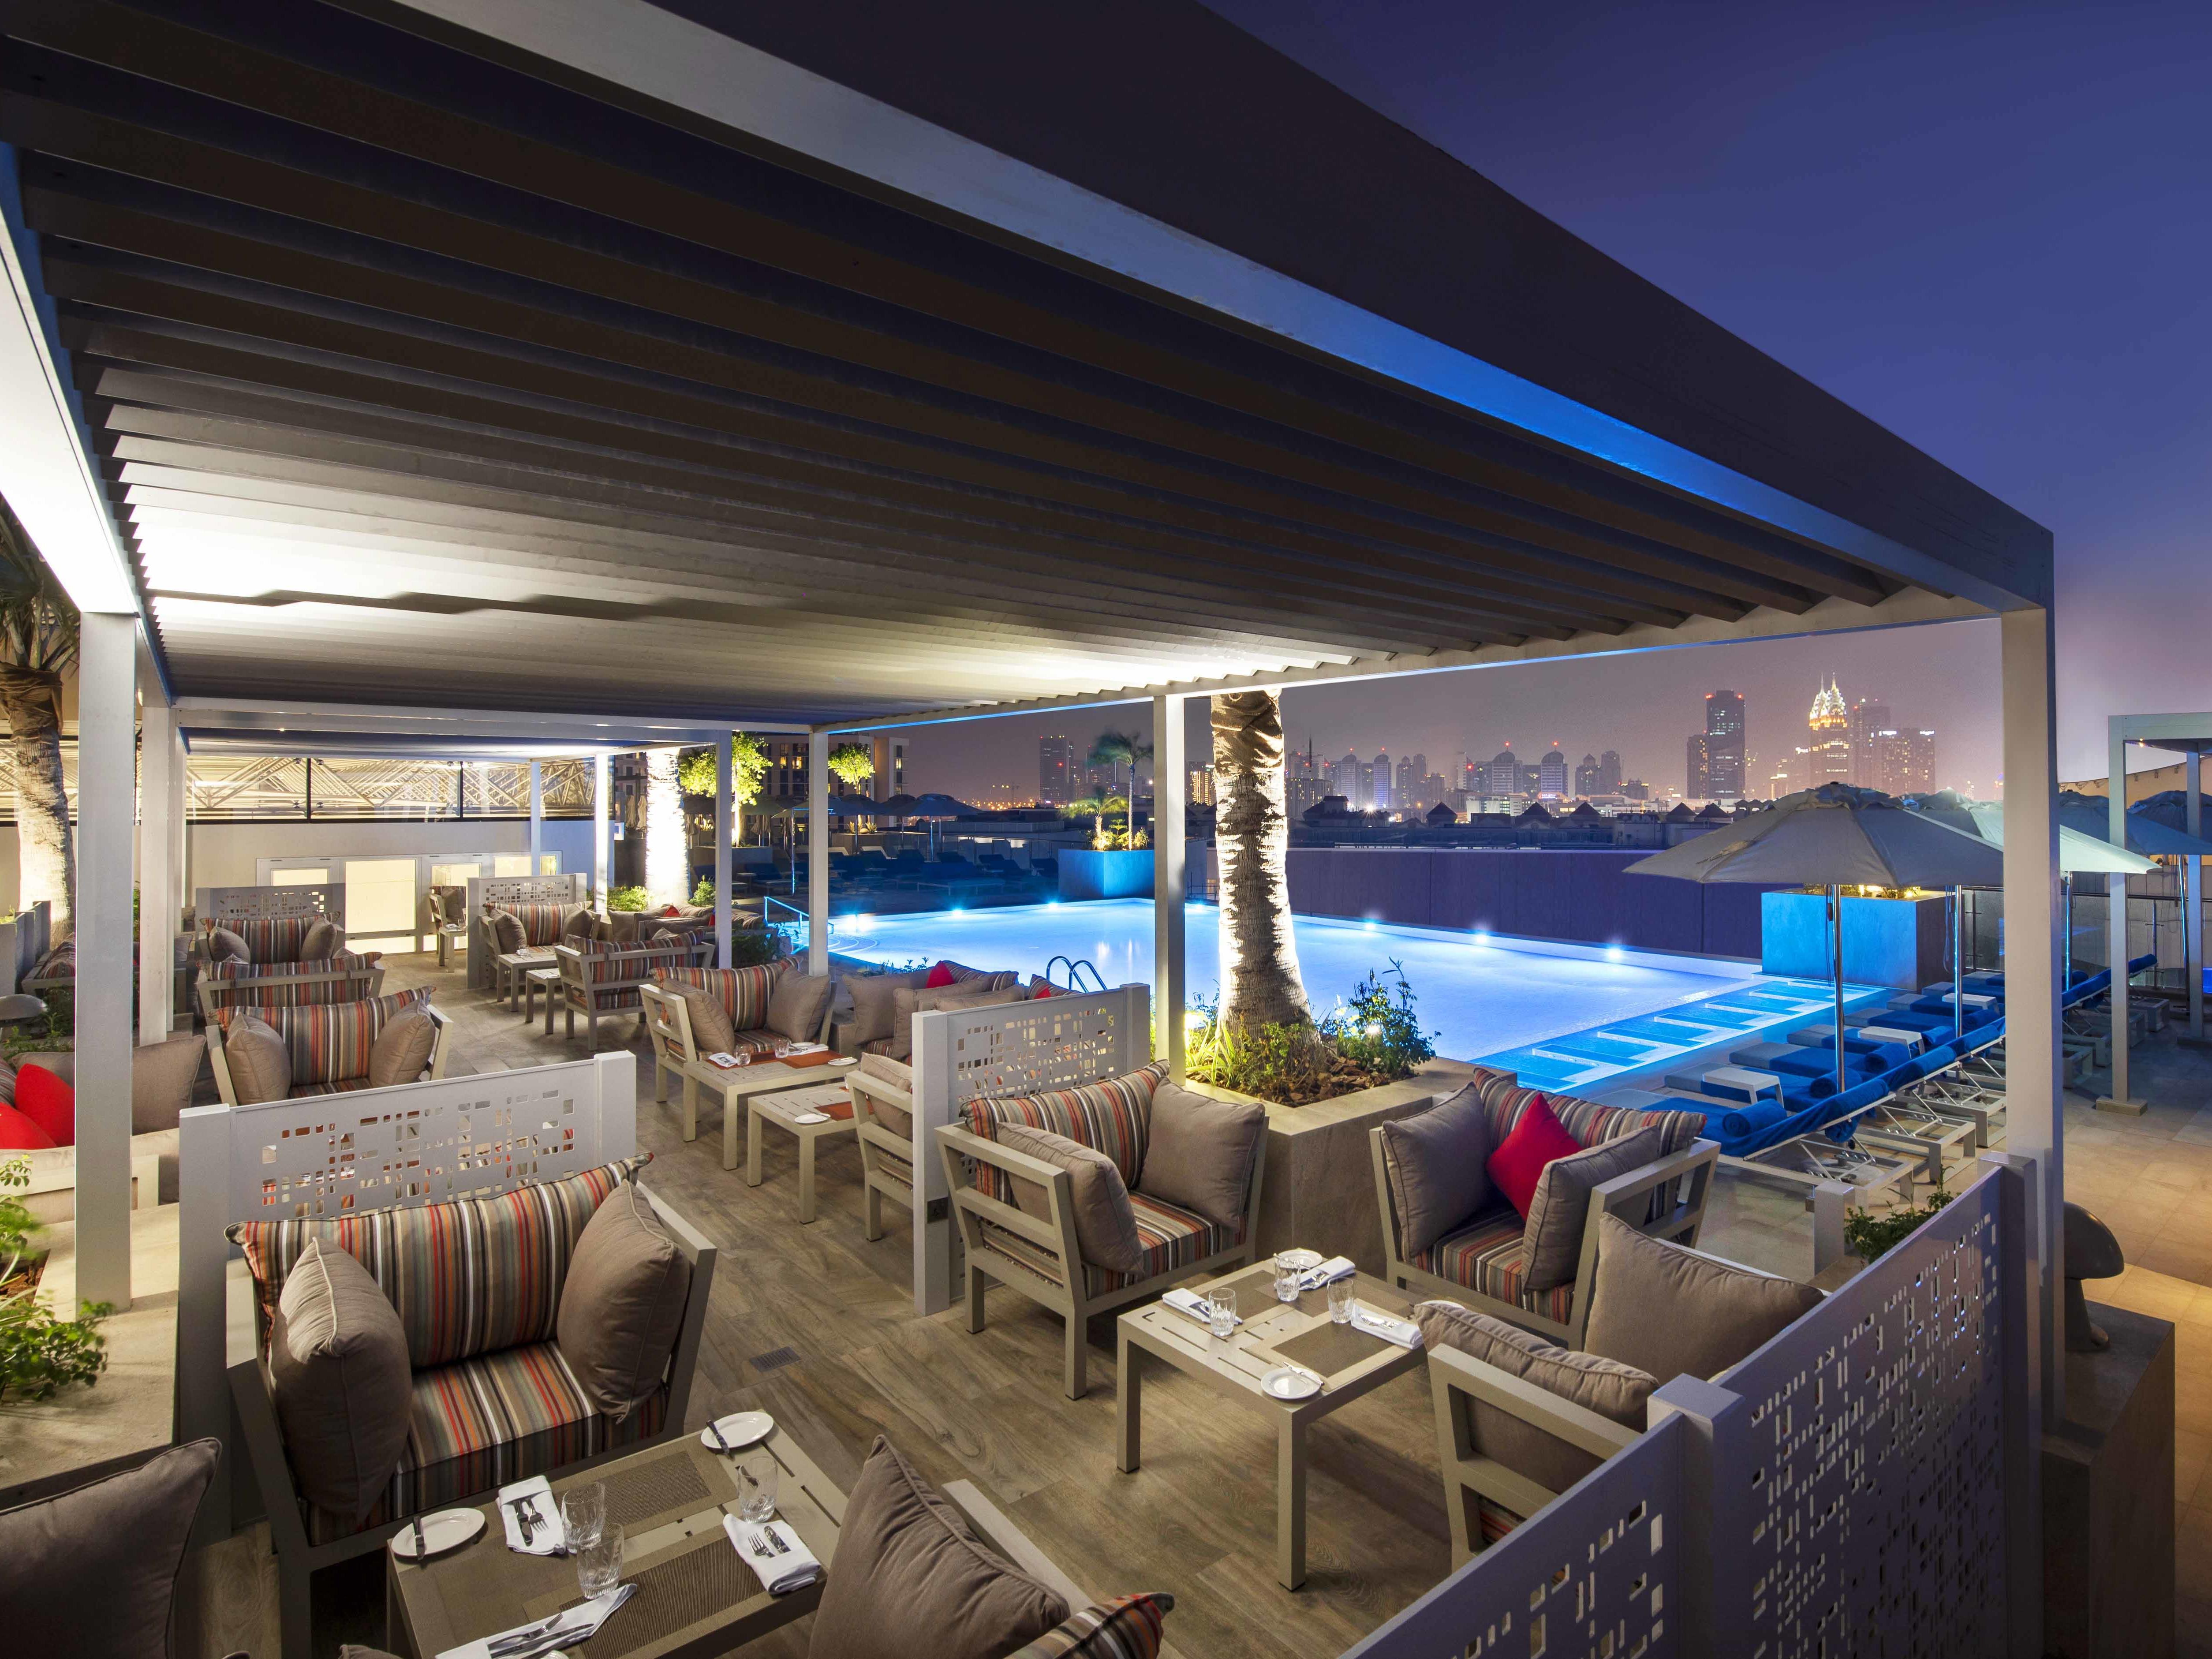 Pacifico Terrace at Grand Cosmopolitan Hotel in Dubai